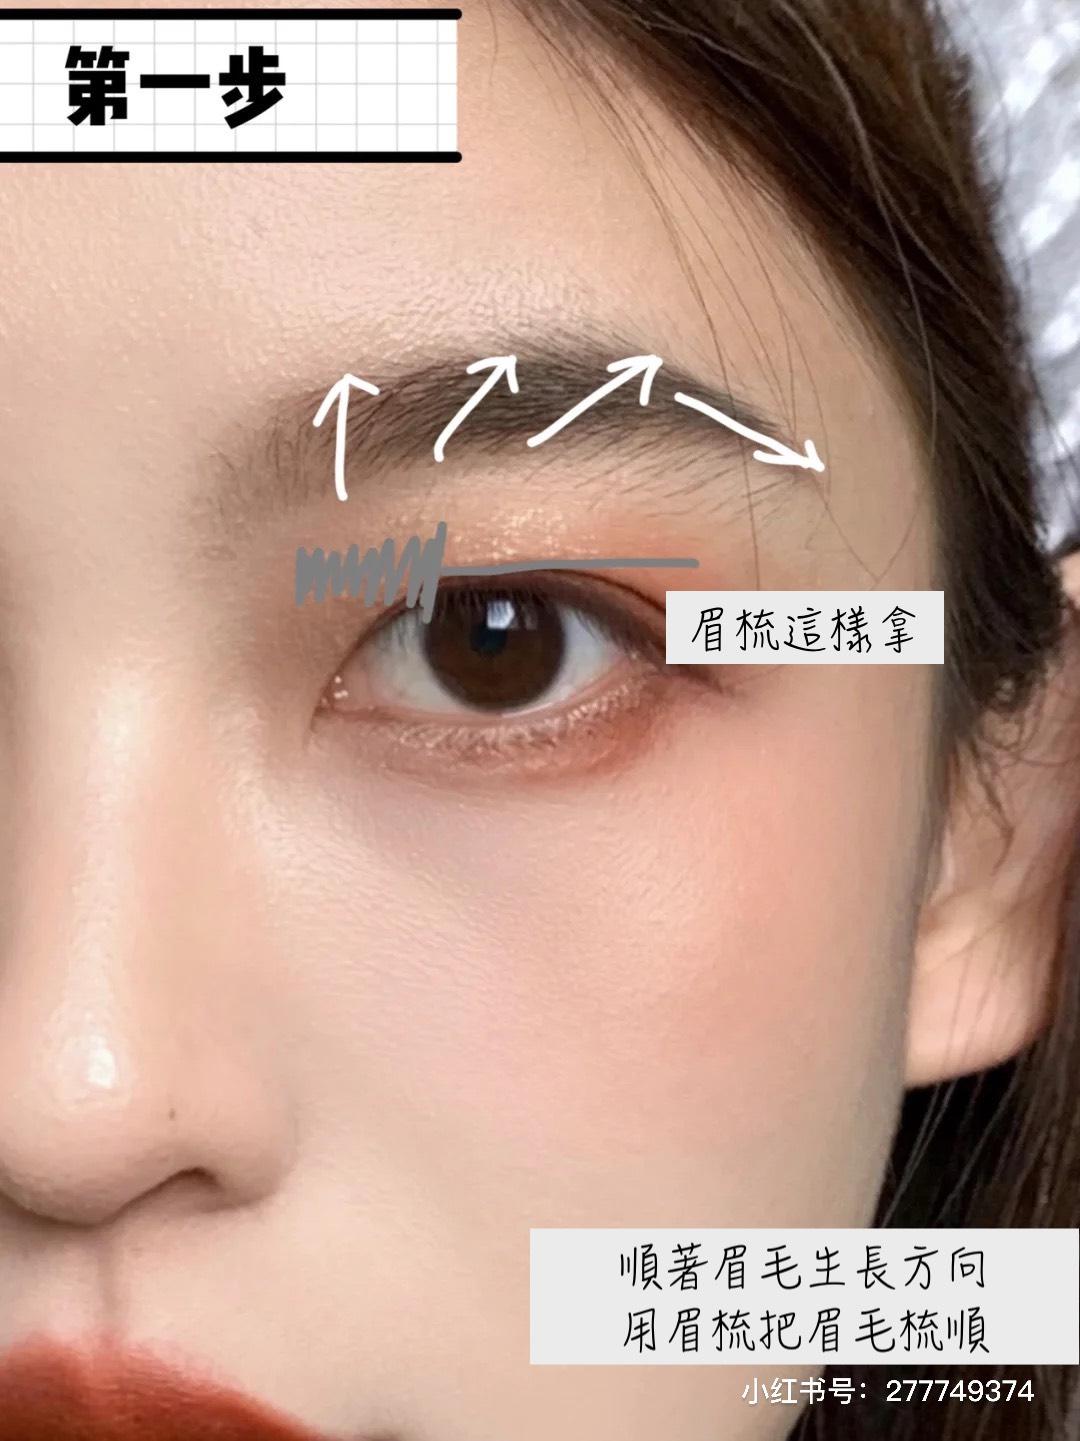 方向按照圖上所示,橫著拿眉梳,眉頭的部分向上刷,眉尾向後刷。